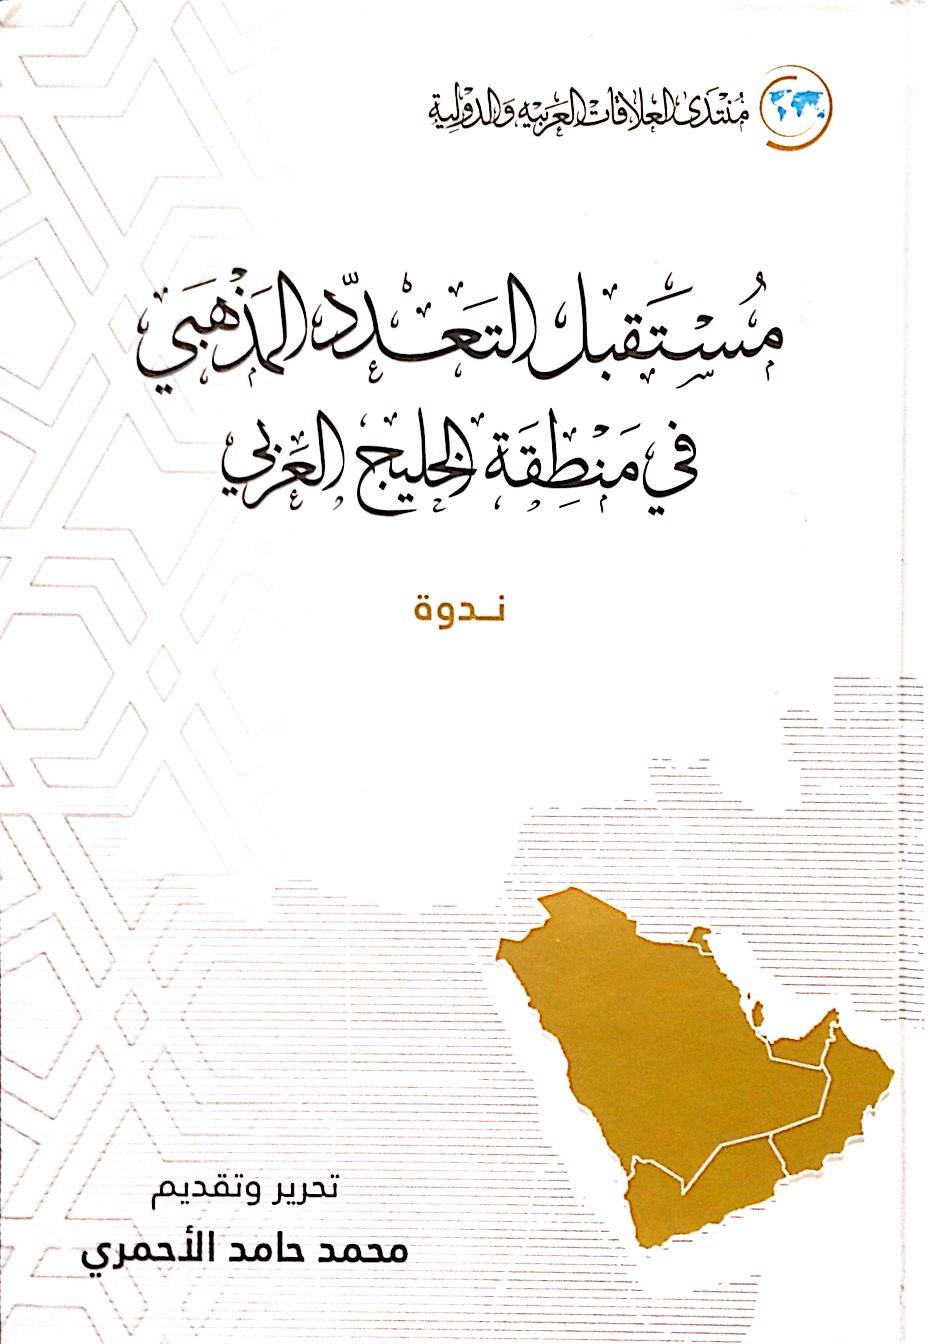 مستقبل التعدد المذهبي في منطقة الخليج العربي